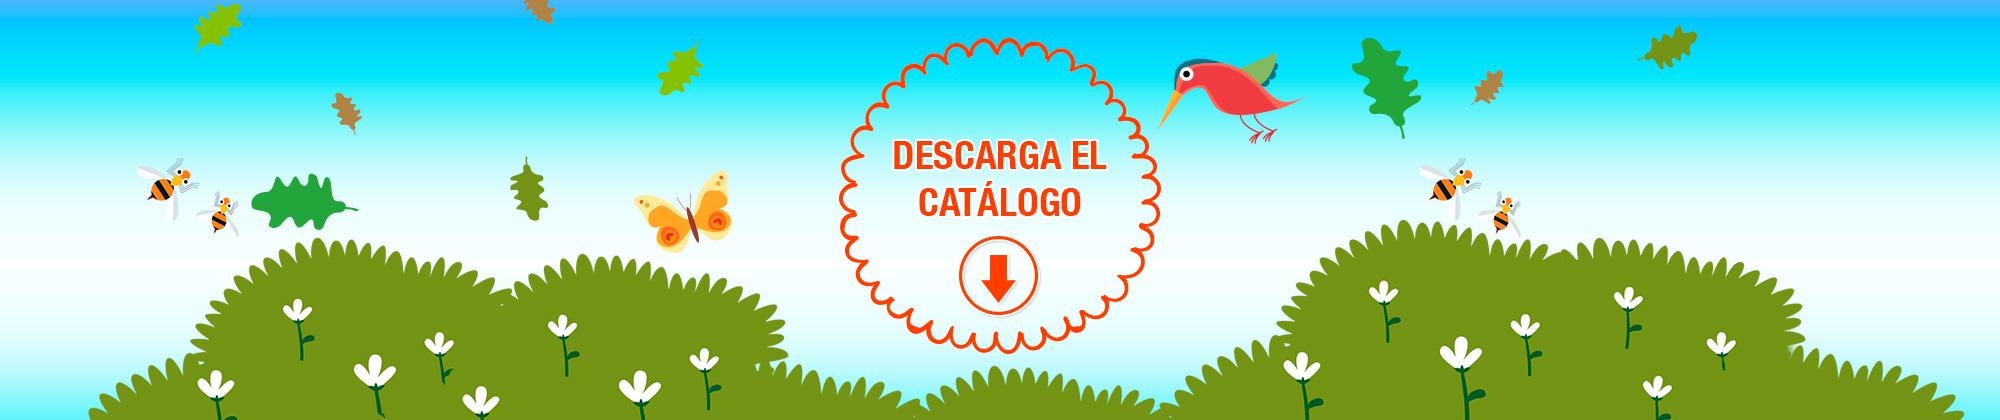 VV Kids Descarga Catálogo